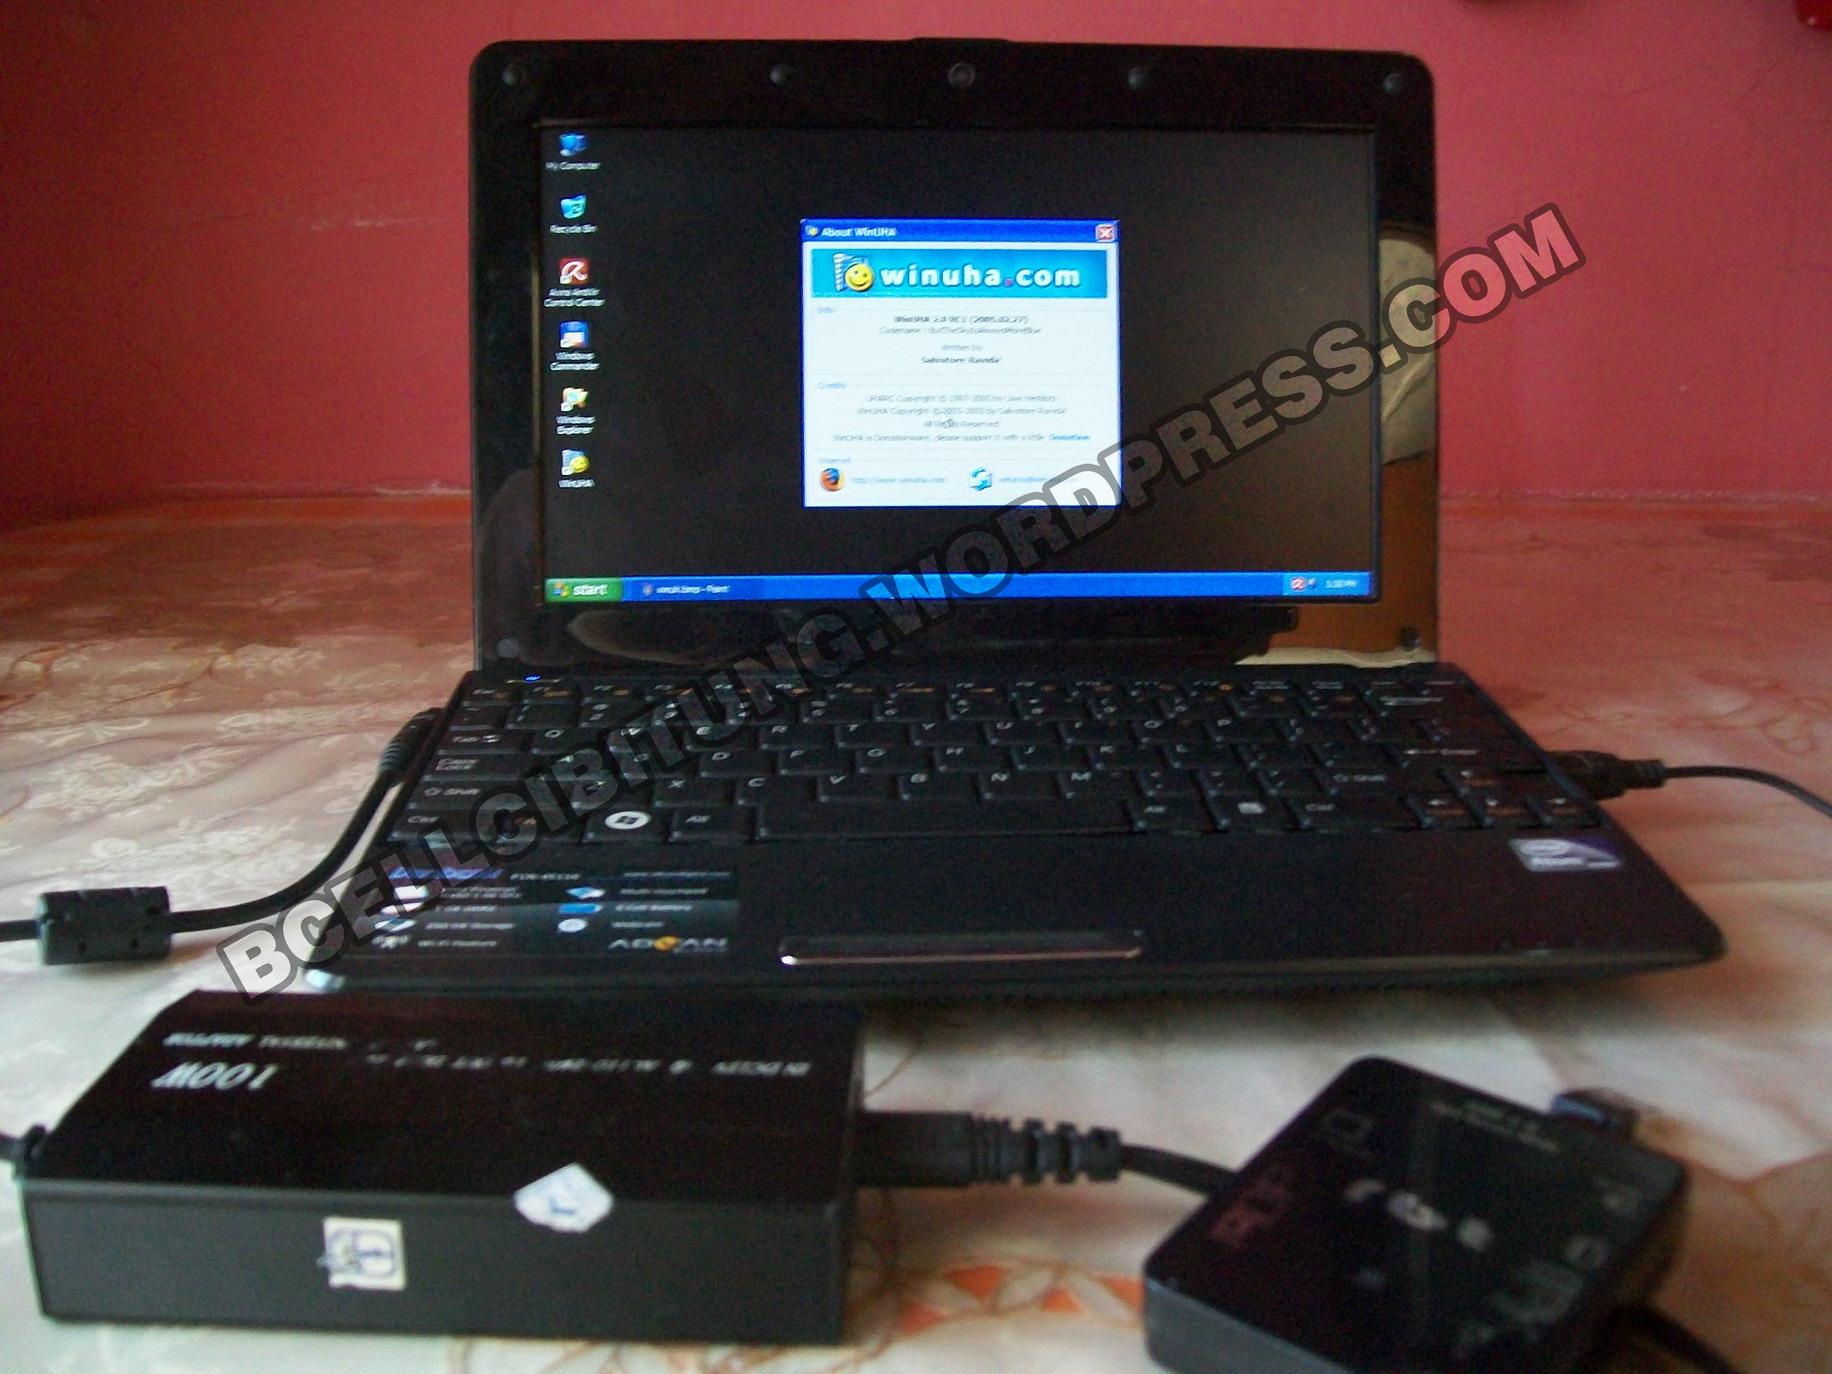 wifi advan vanbook p1n-45116